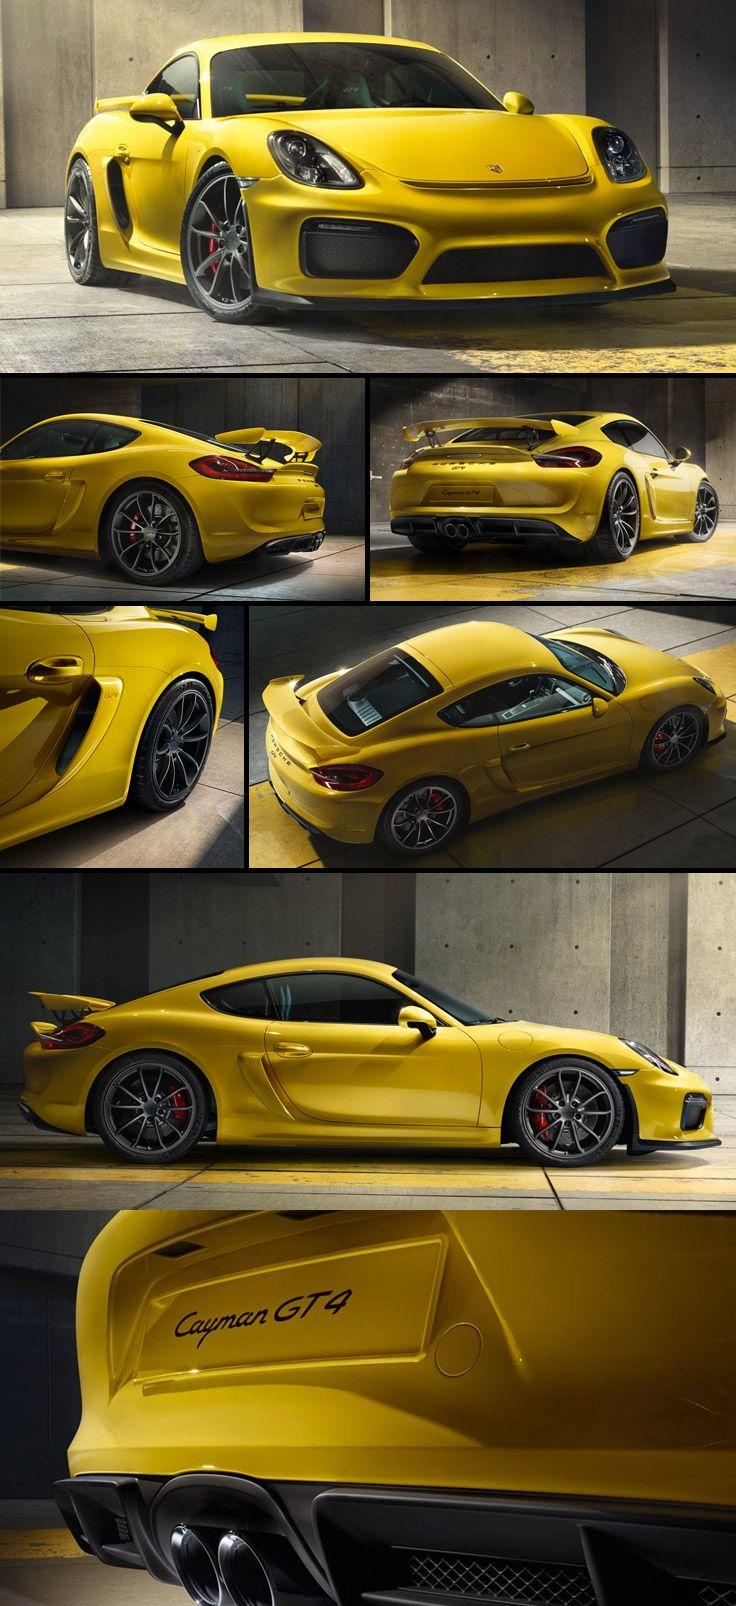 Porsche-Cayman-GT4.jpg (736×1606)